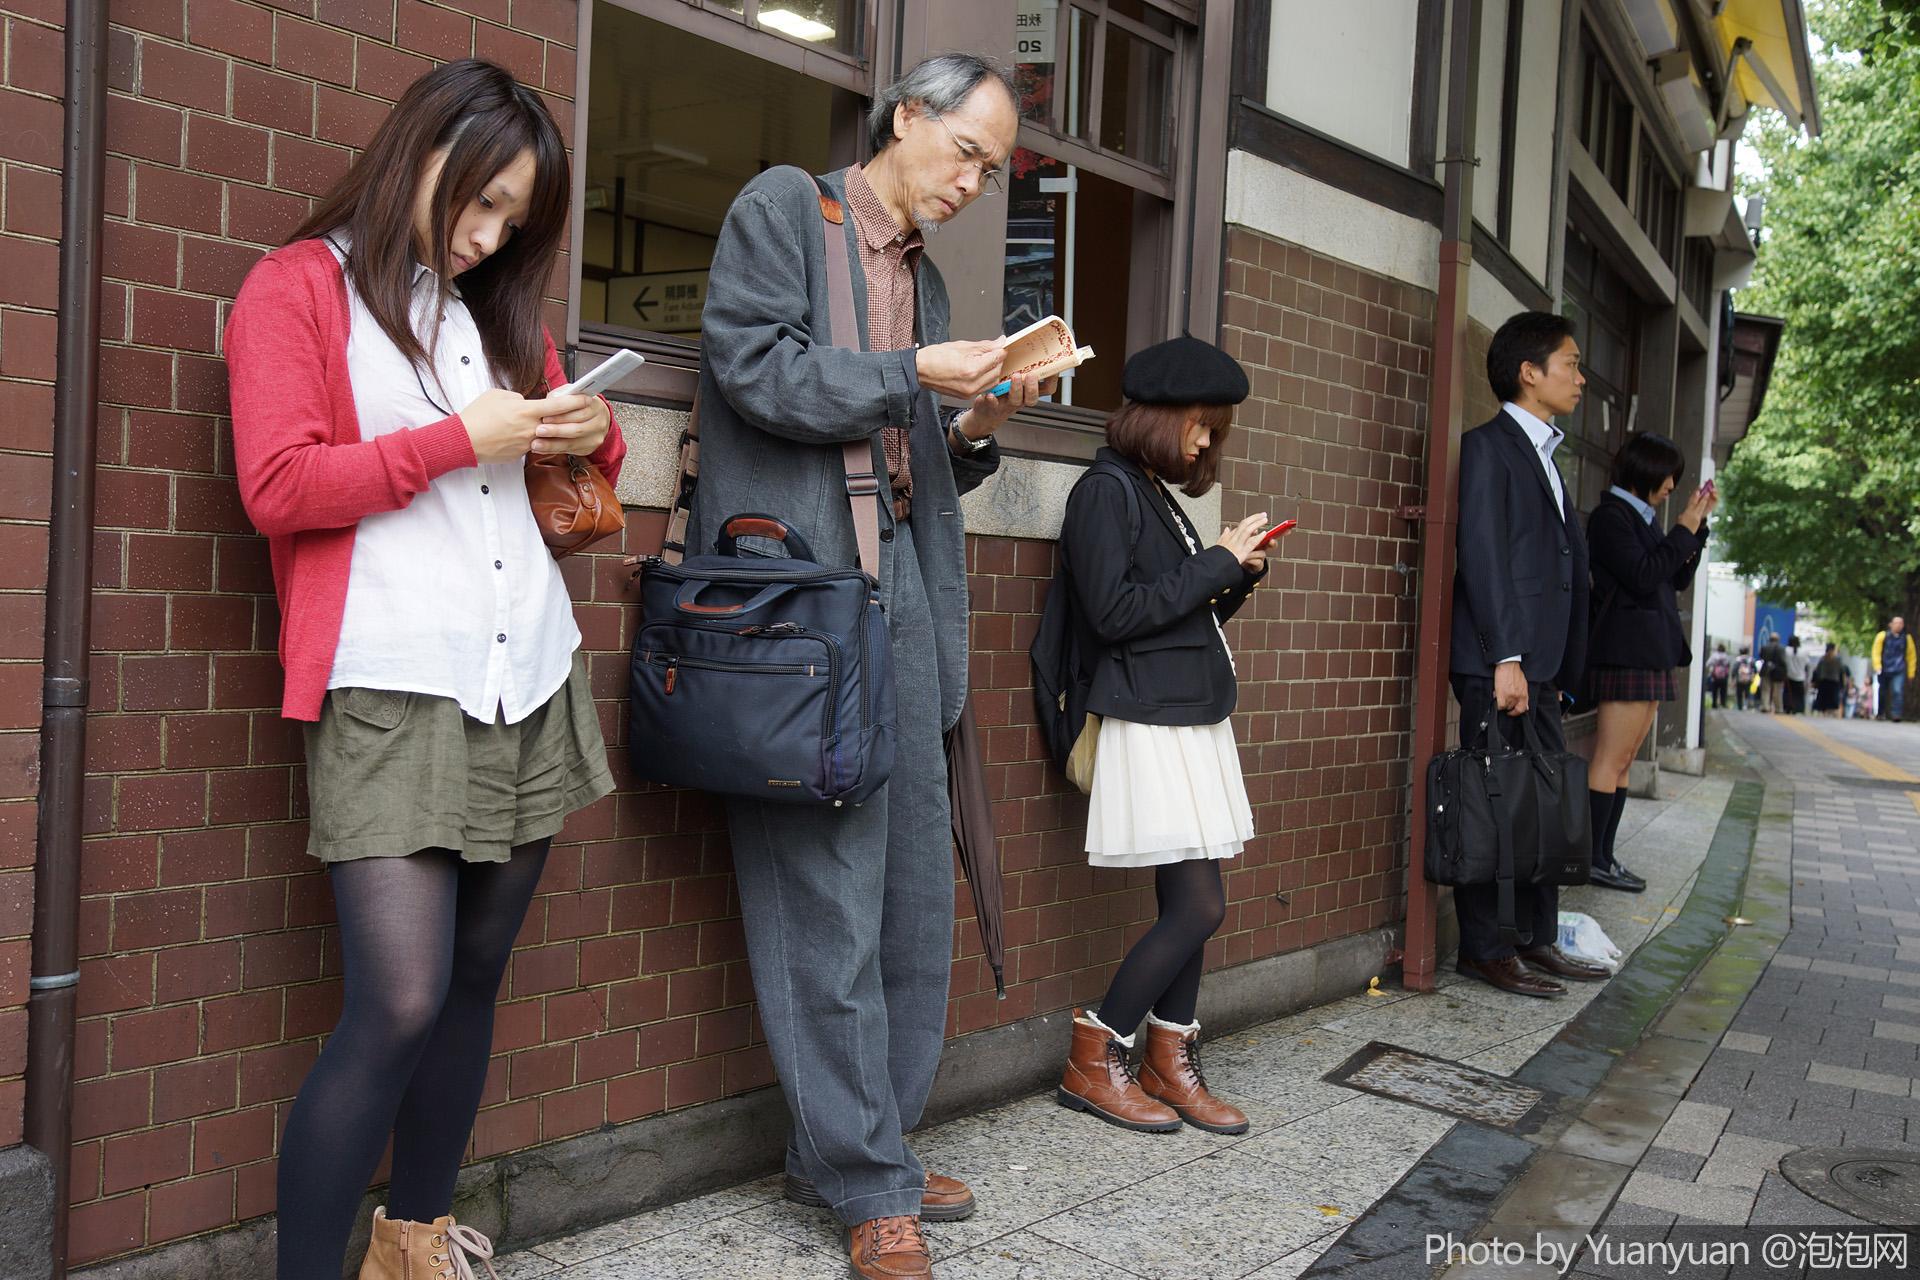 索尼nex 7日本街头抓拍